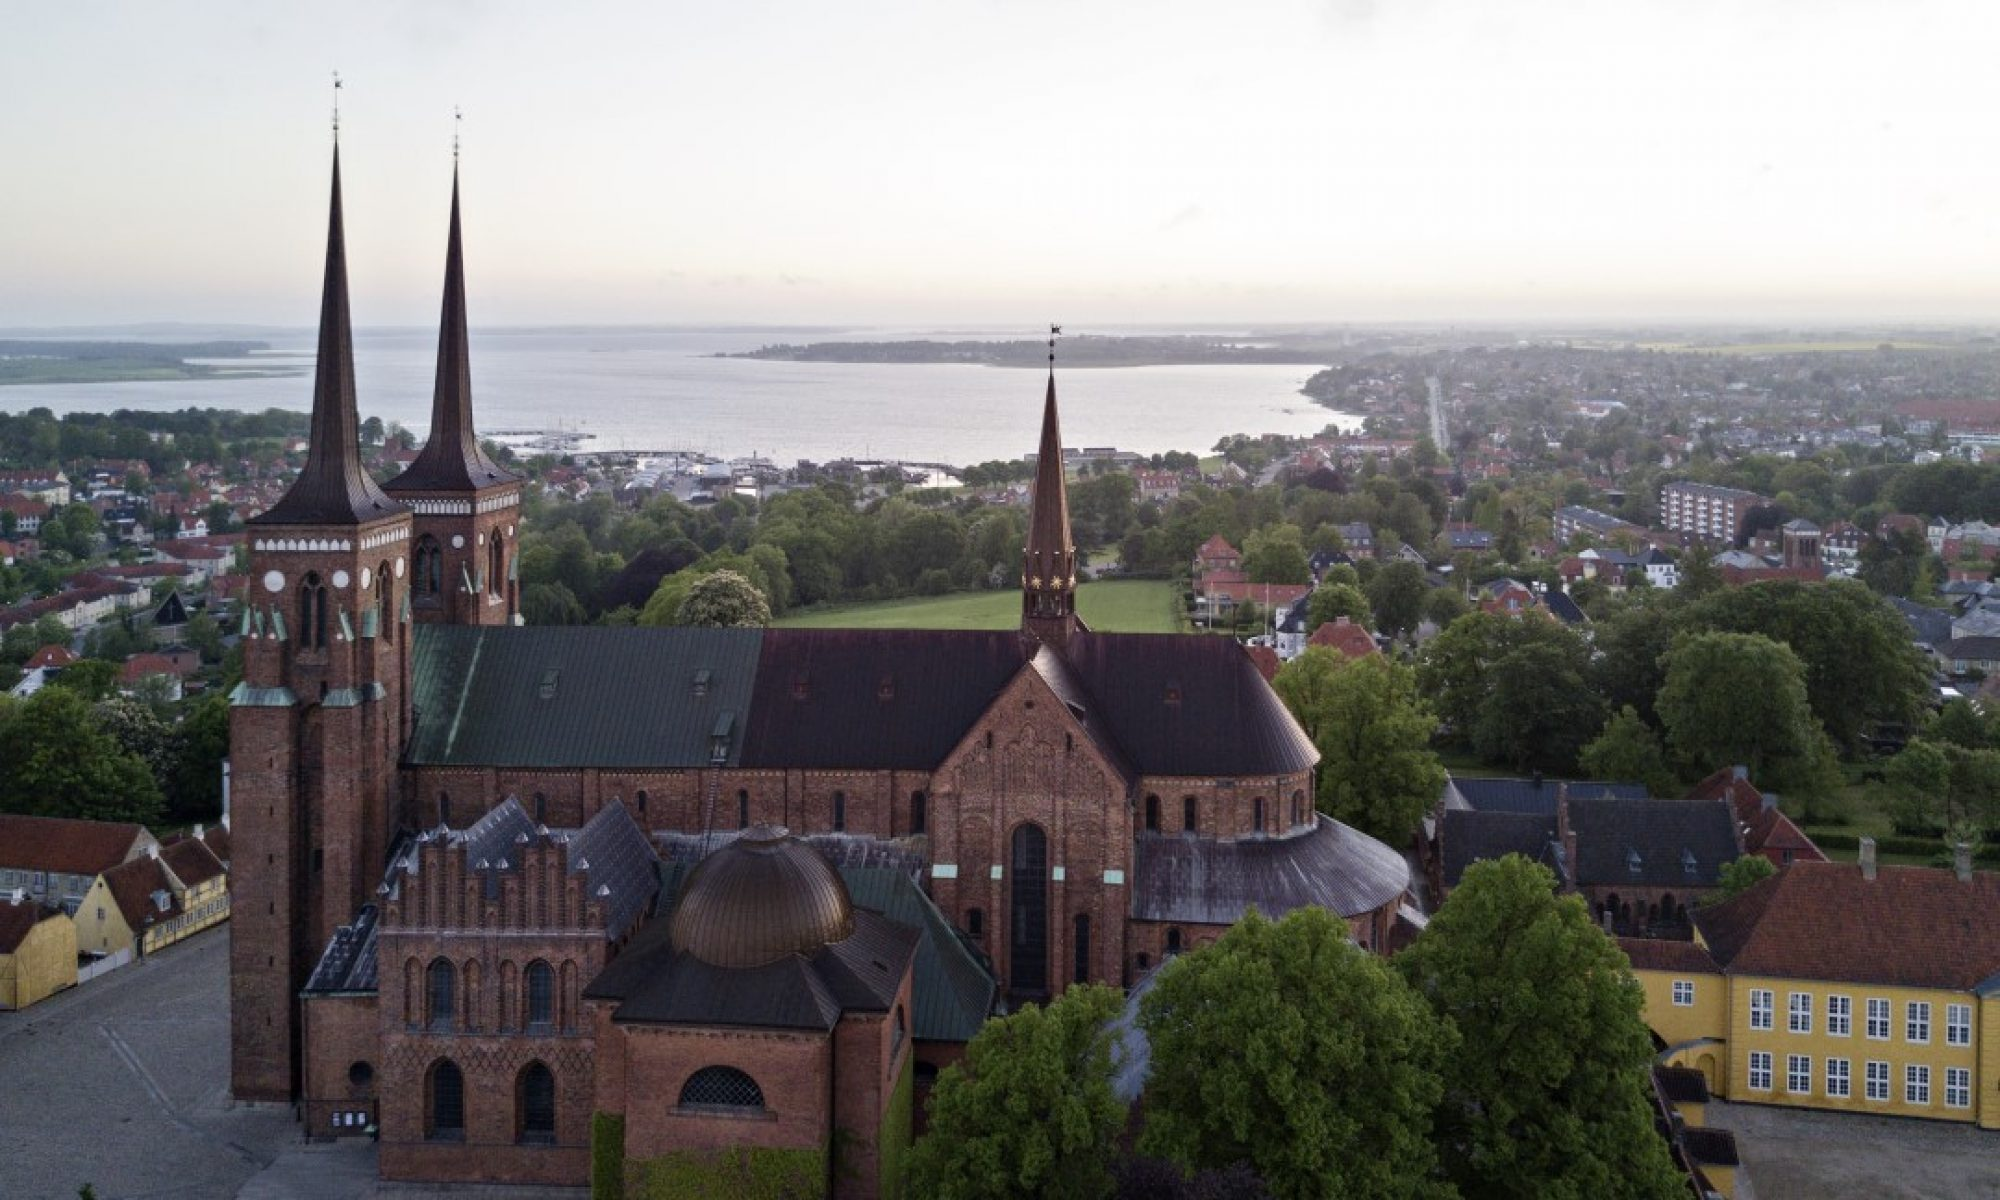 Fonden til formidling af kulturarven Roskilde Domkirke